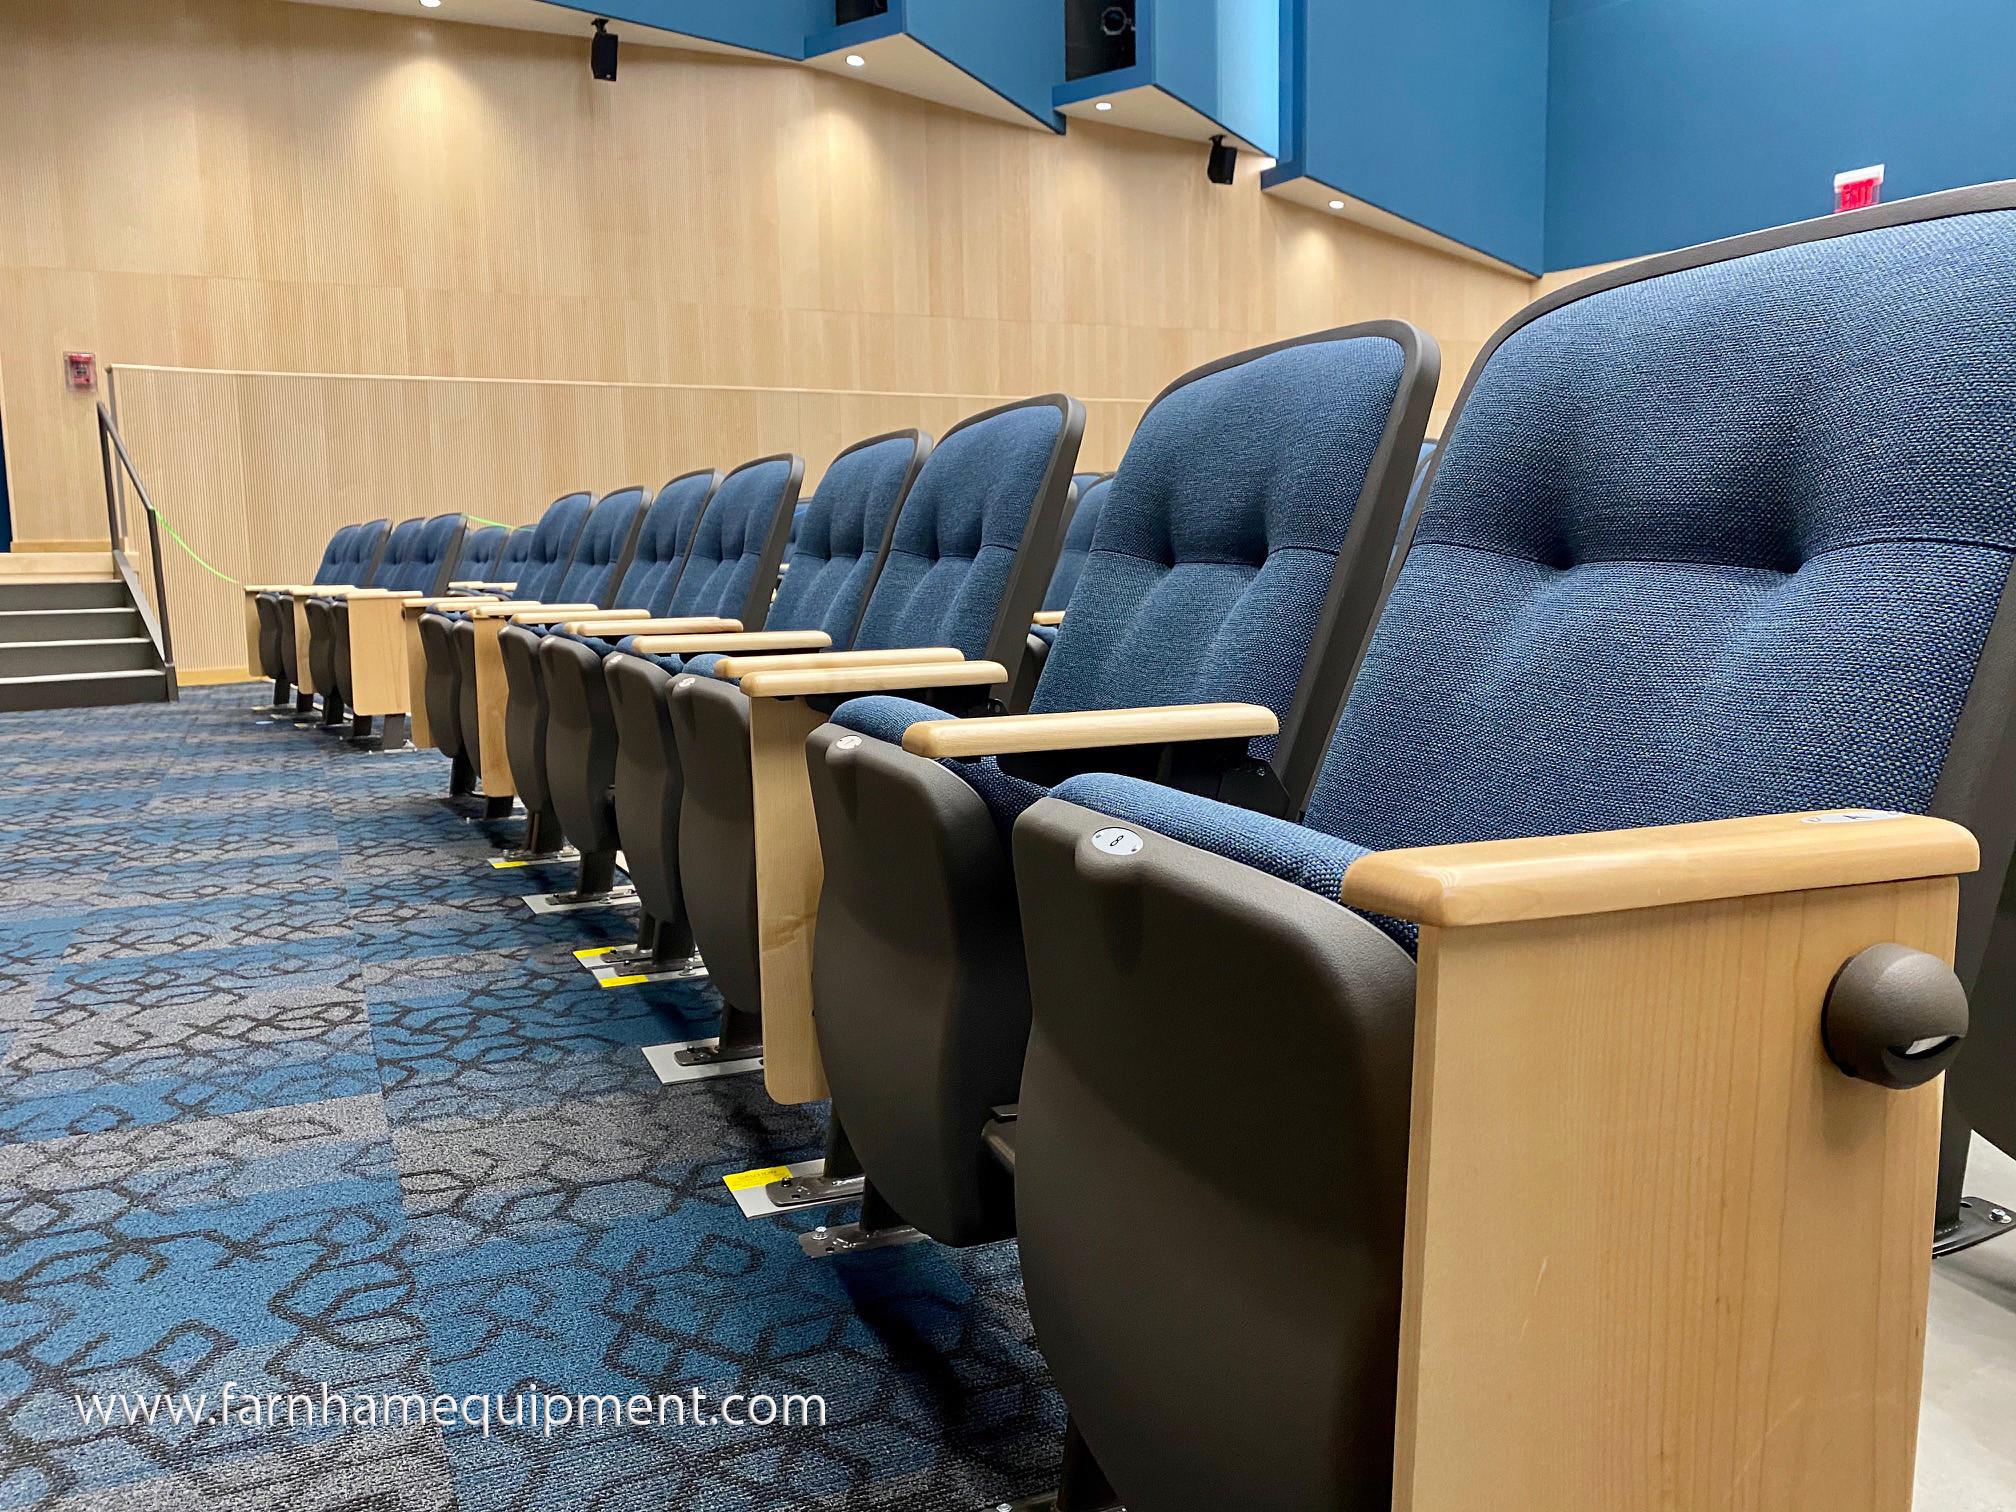 Quattro Seating